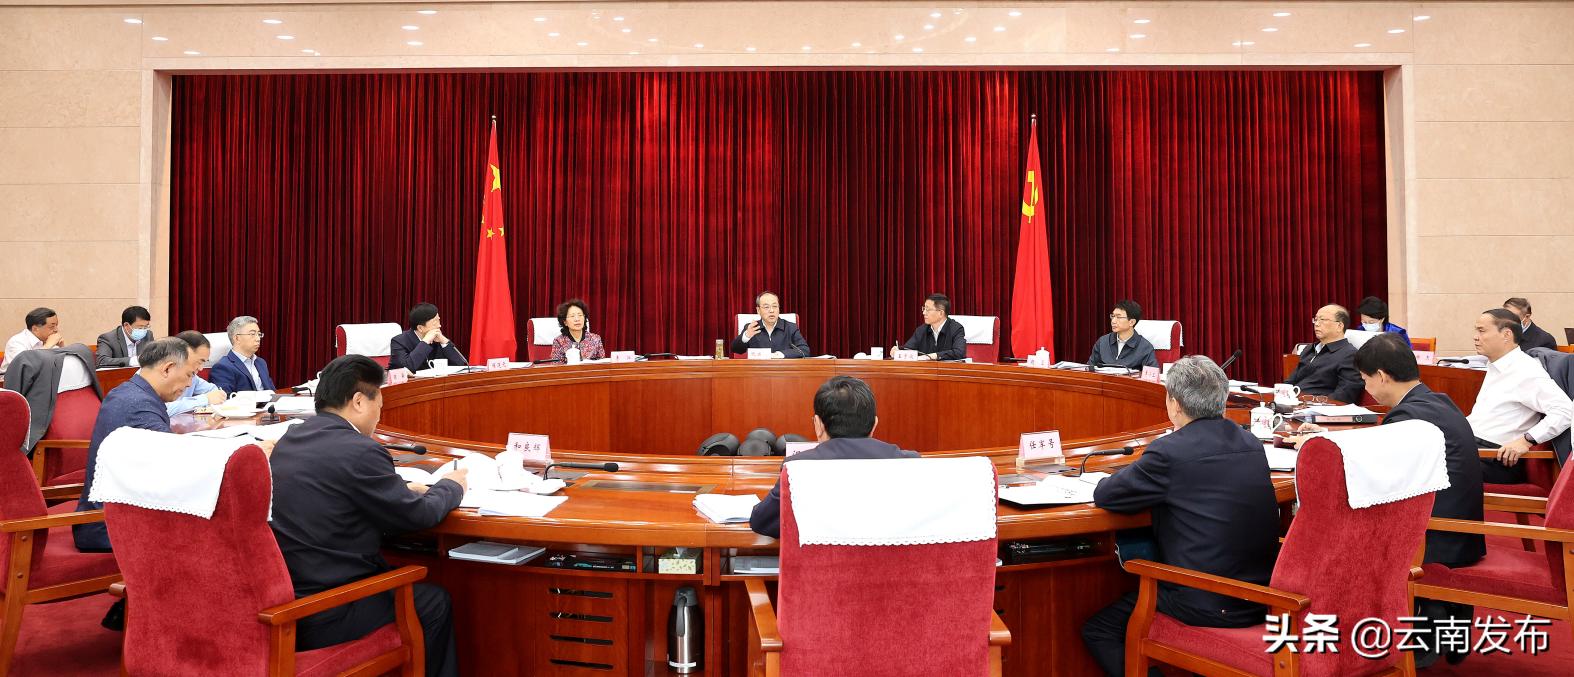 省委常委会召开会议强调:抓住碳达峰碳中和机遇建设绿色云南 持续深化东西部协作和定点帮扶工作